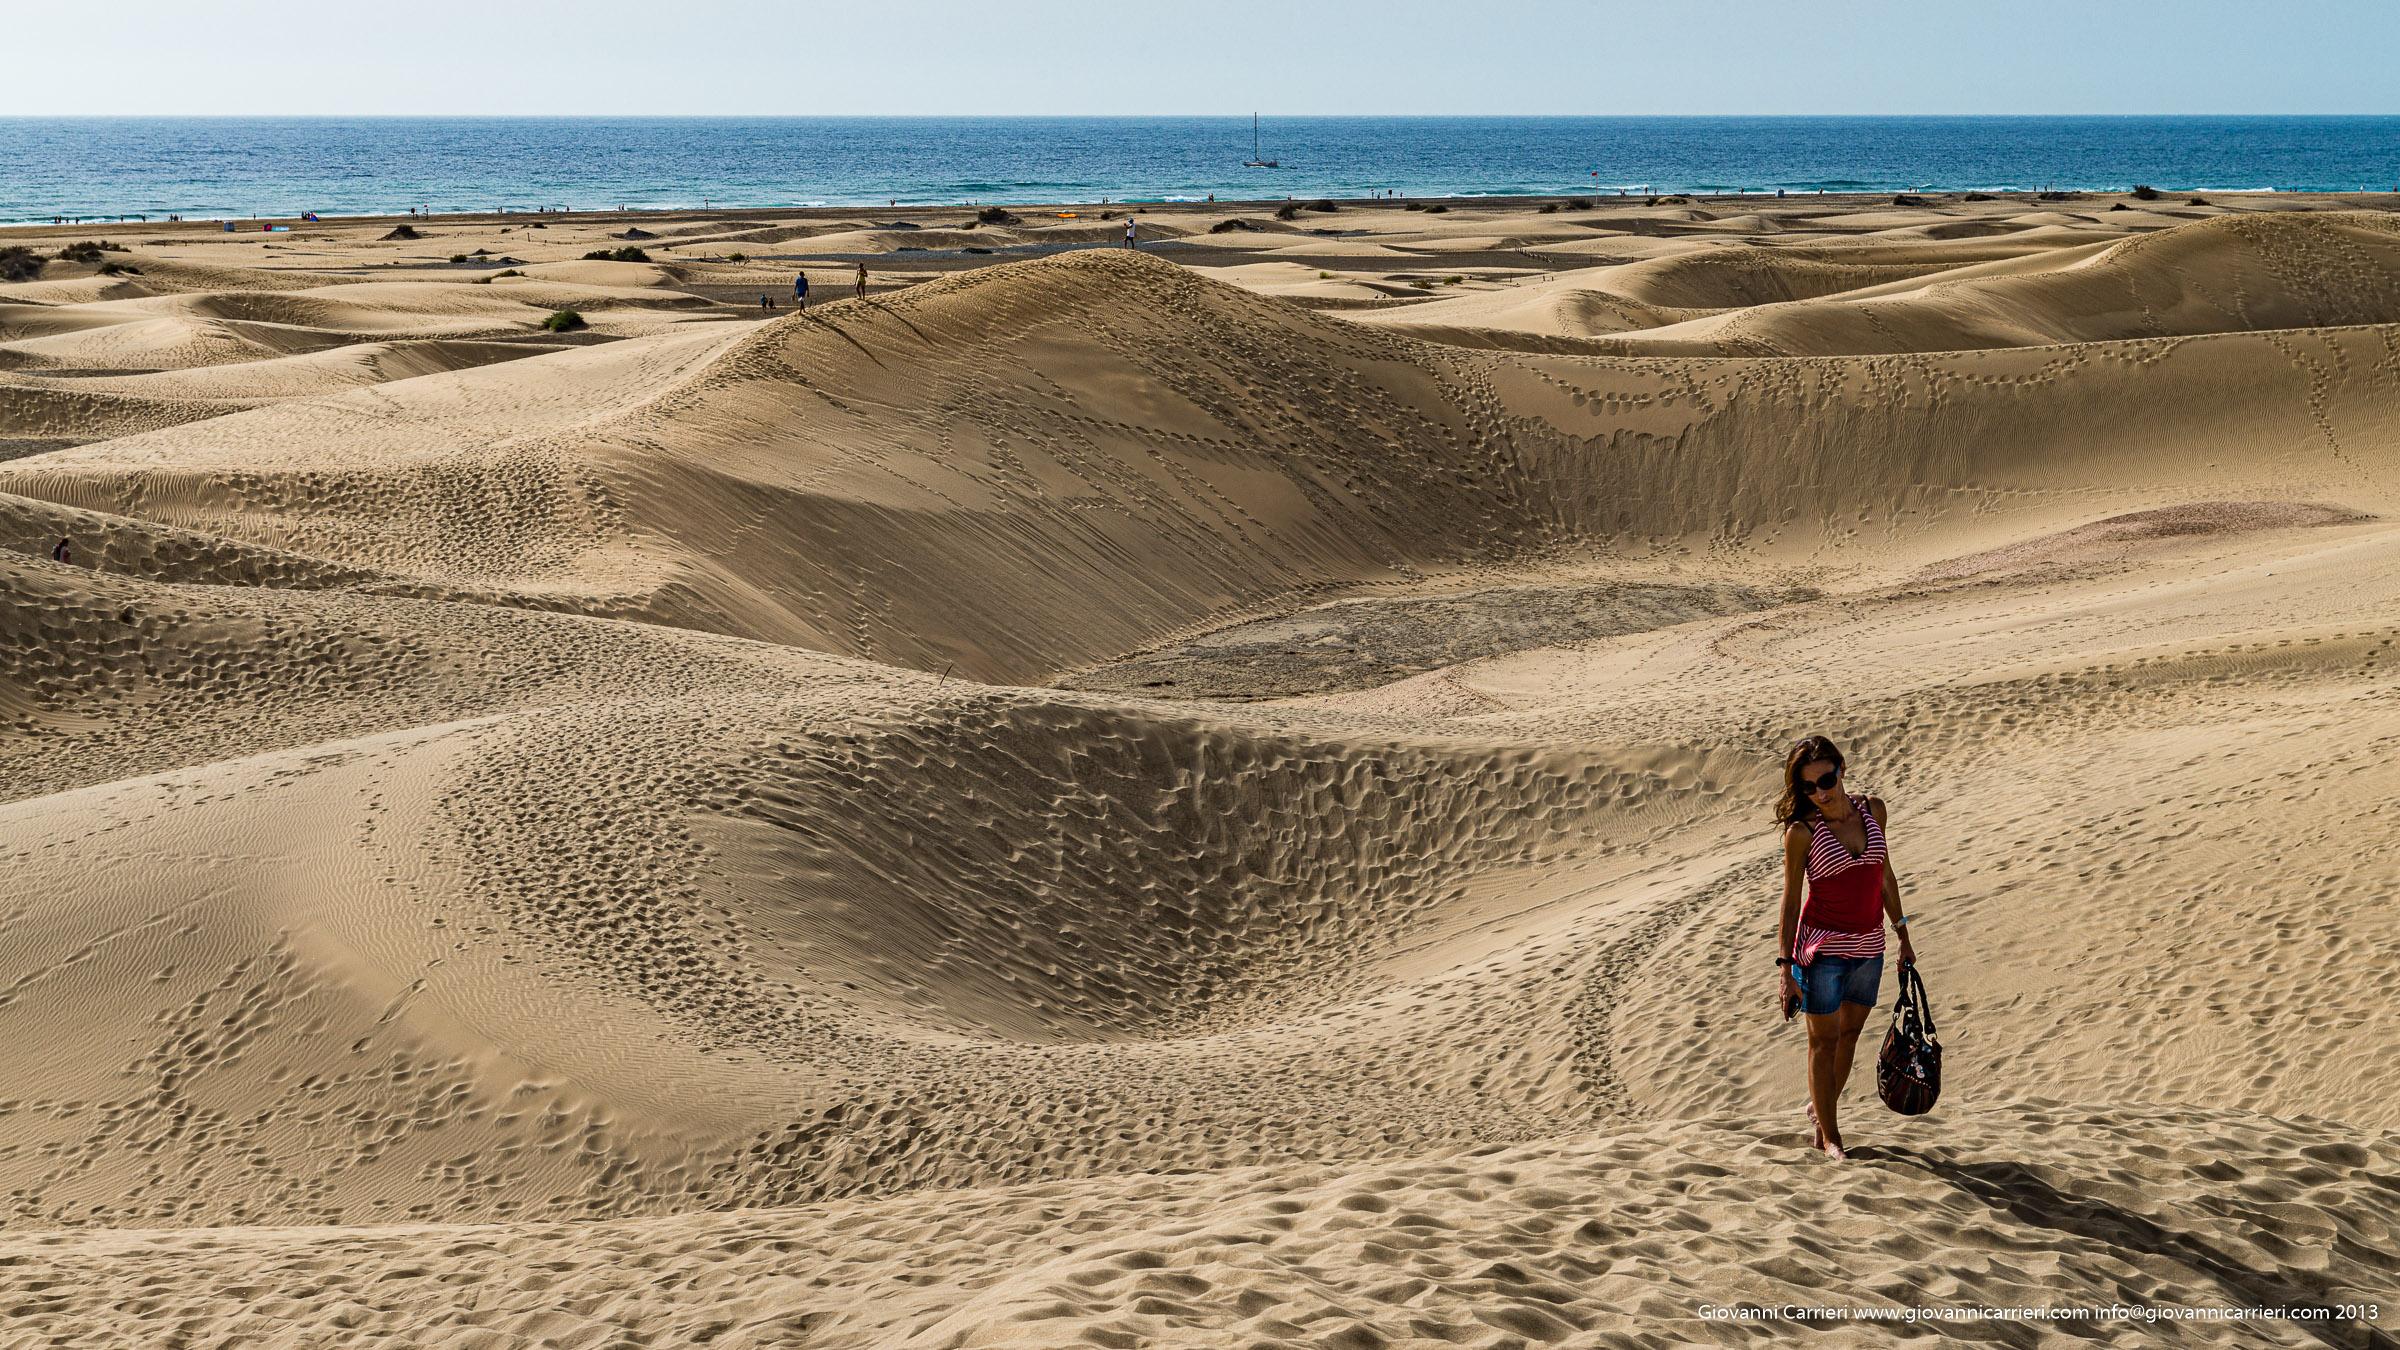 Le dune di Maspalomas - Gran Canaria